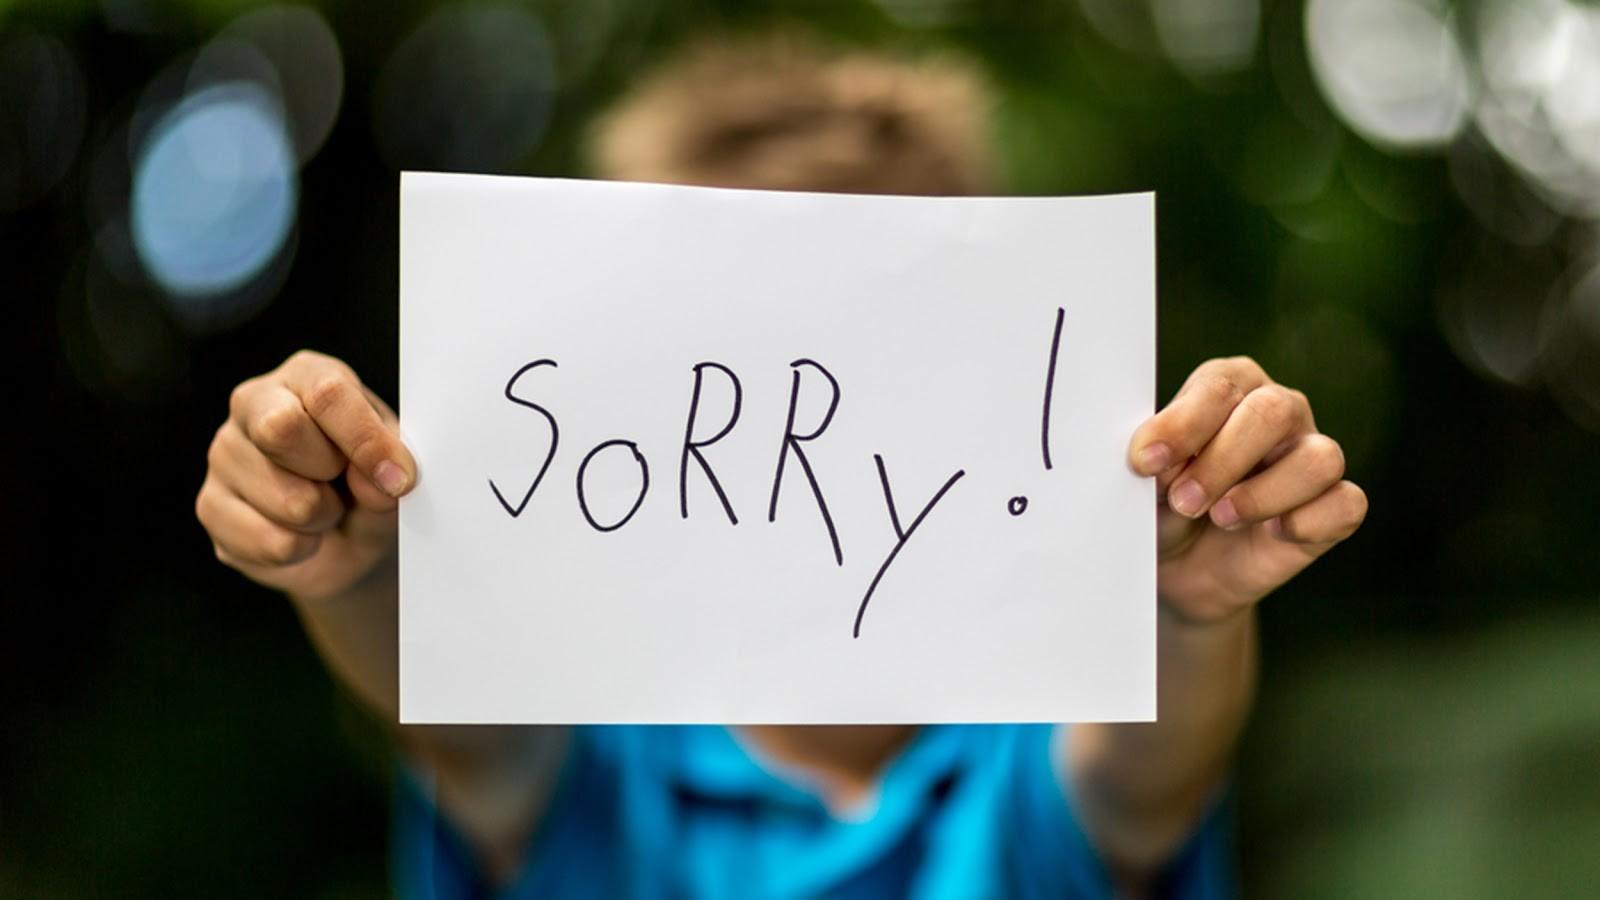 Thể hiện rõ nhất qua tiếng cảm ơn và xin lỗi